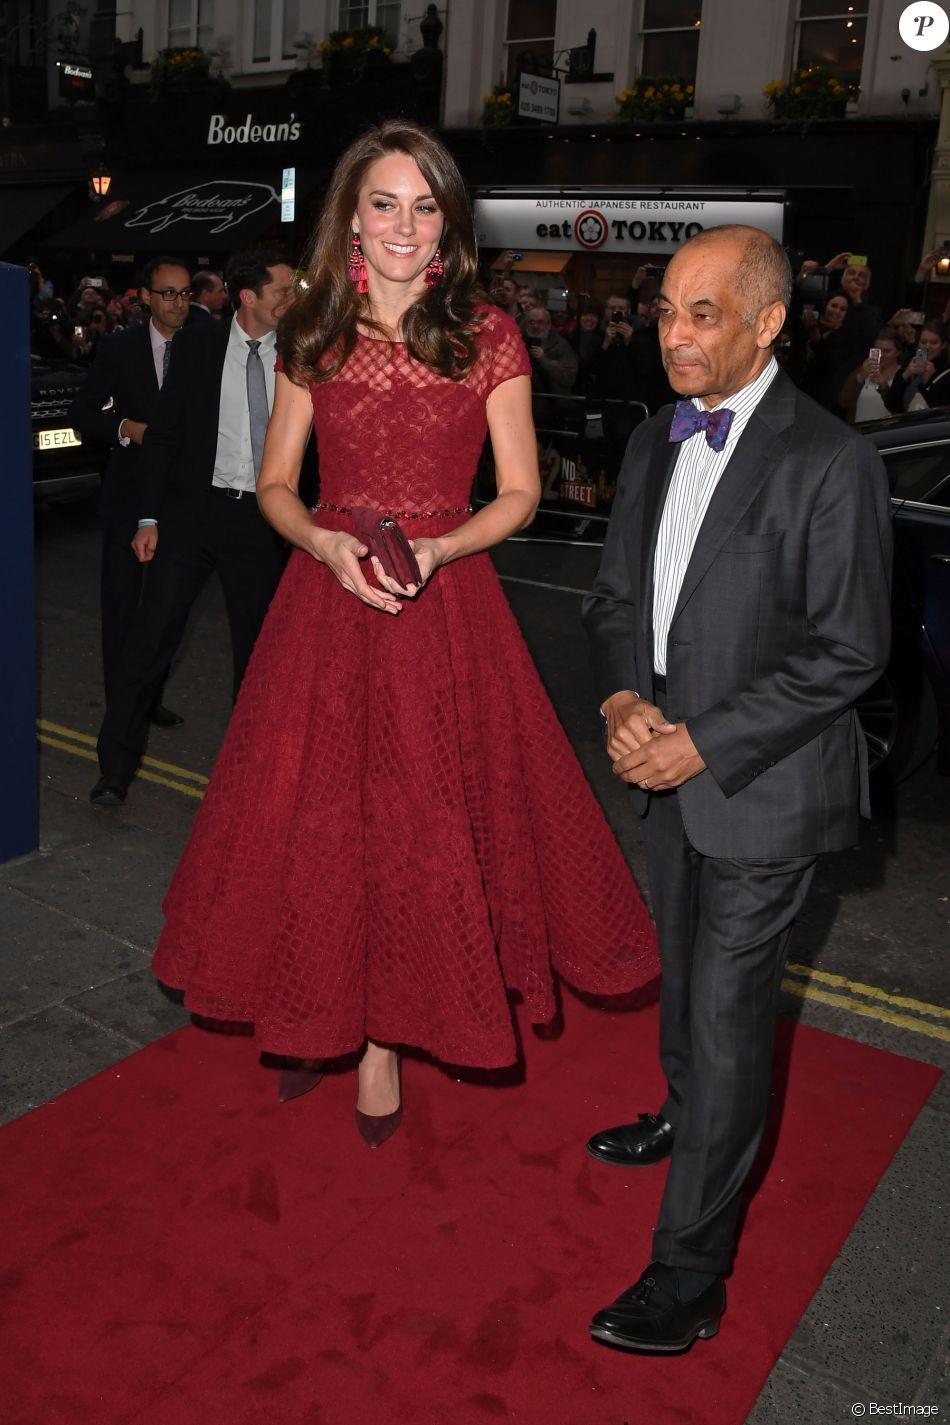 Kate Middleton, duchesse de Cambridge, en robe Marchesa, a assisté à la première de la comédie musicale 42nd Street donnée au Théâtre royal de Drury Lane à Covent Garden au profit des hôpitaux pour enfants East Anglia's Children Hospices (EACH) dont elle est la marraine.